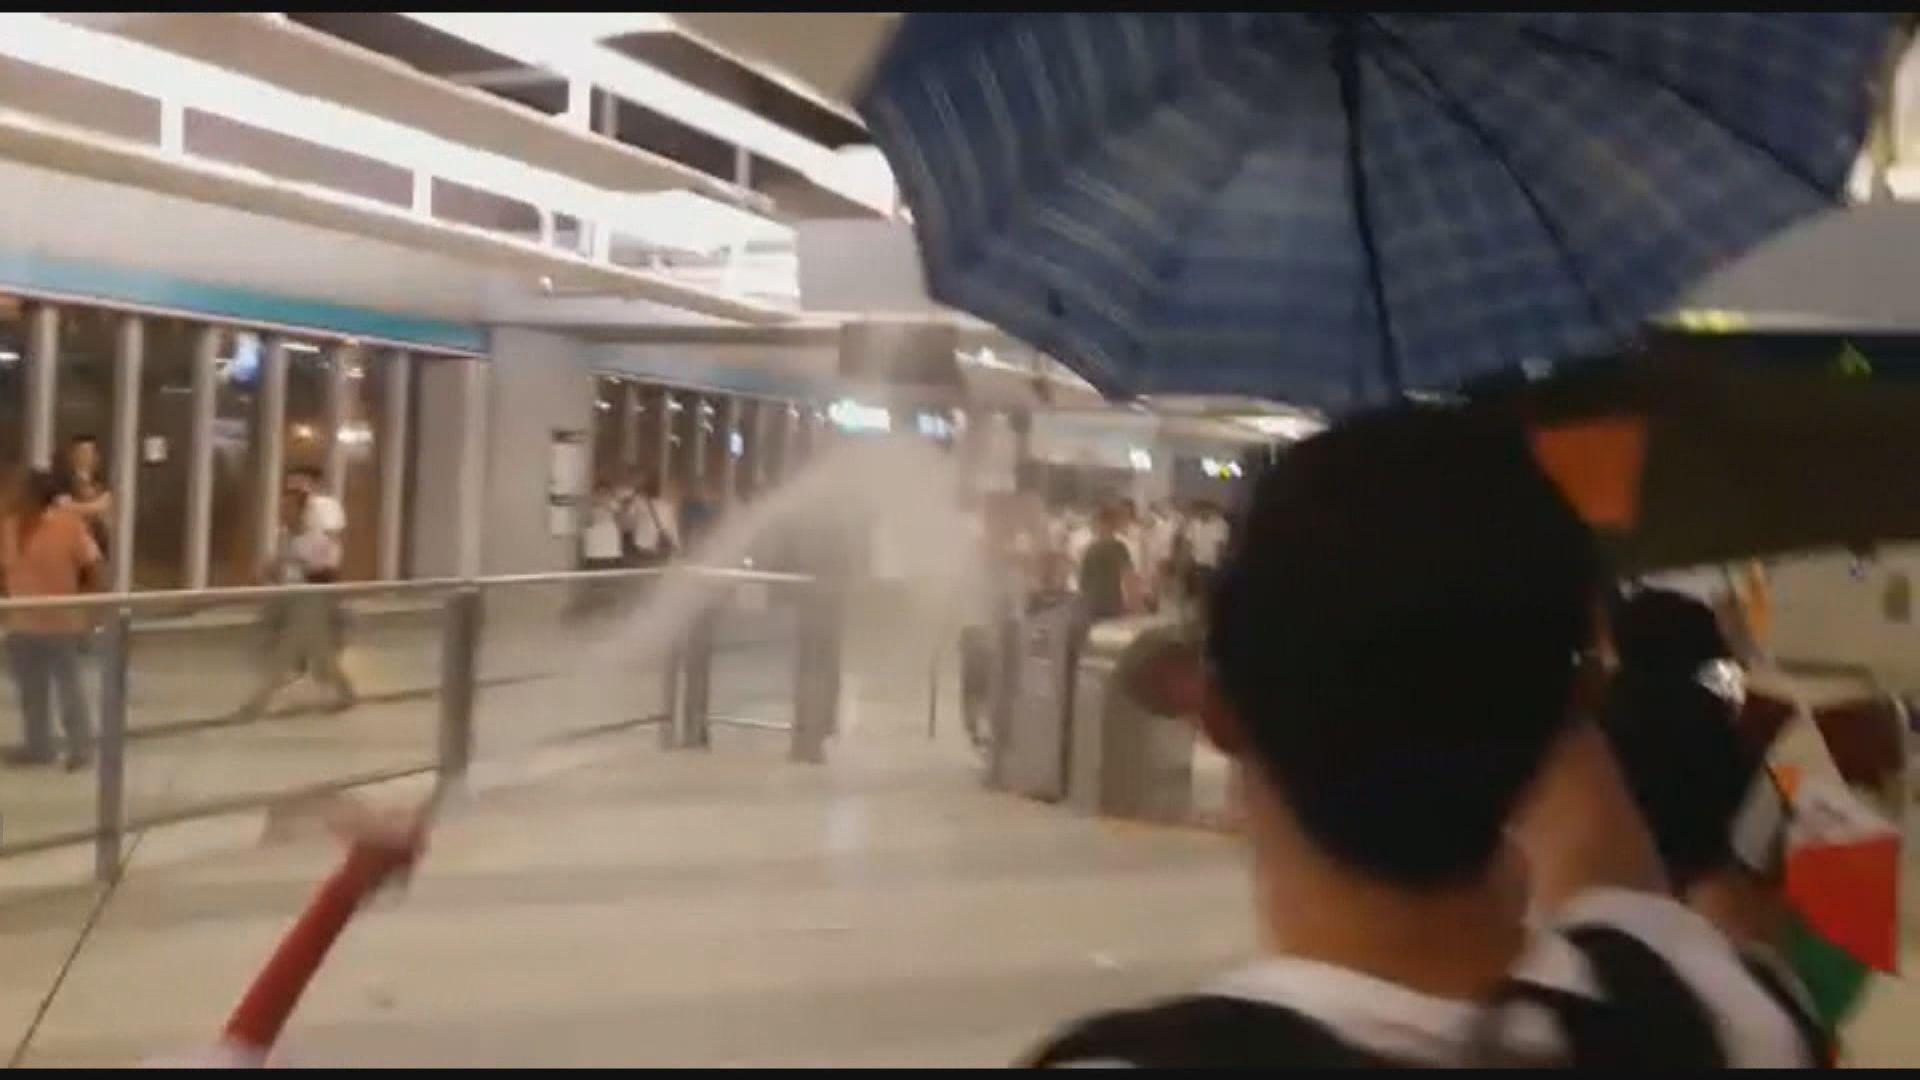 元朗721襲擊事件 警方再拘捕一名與白衣人對峙男子